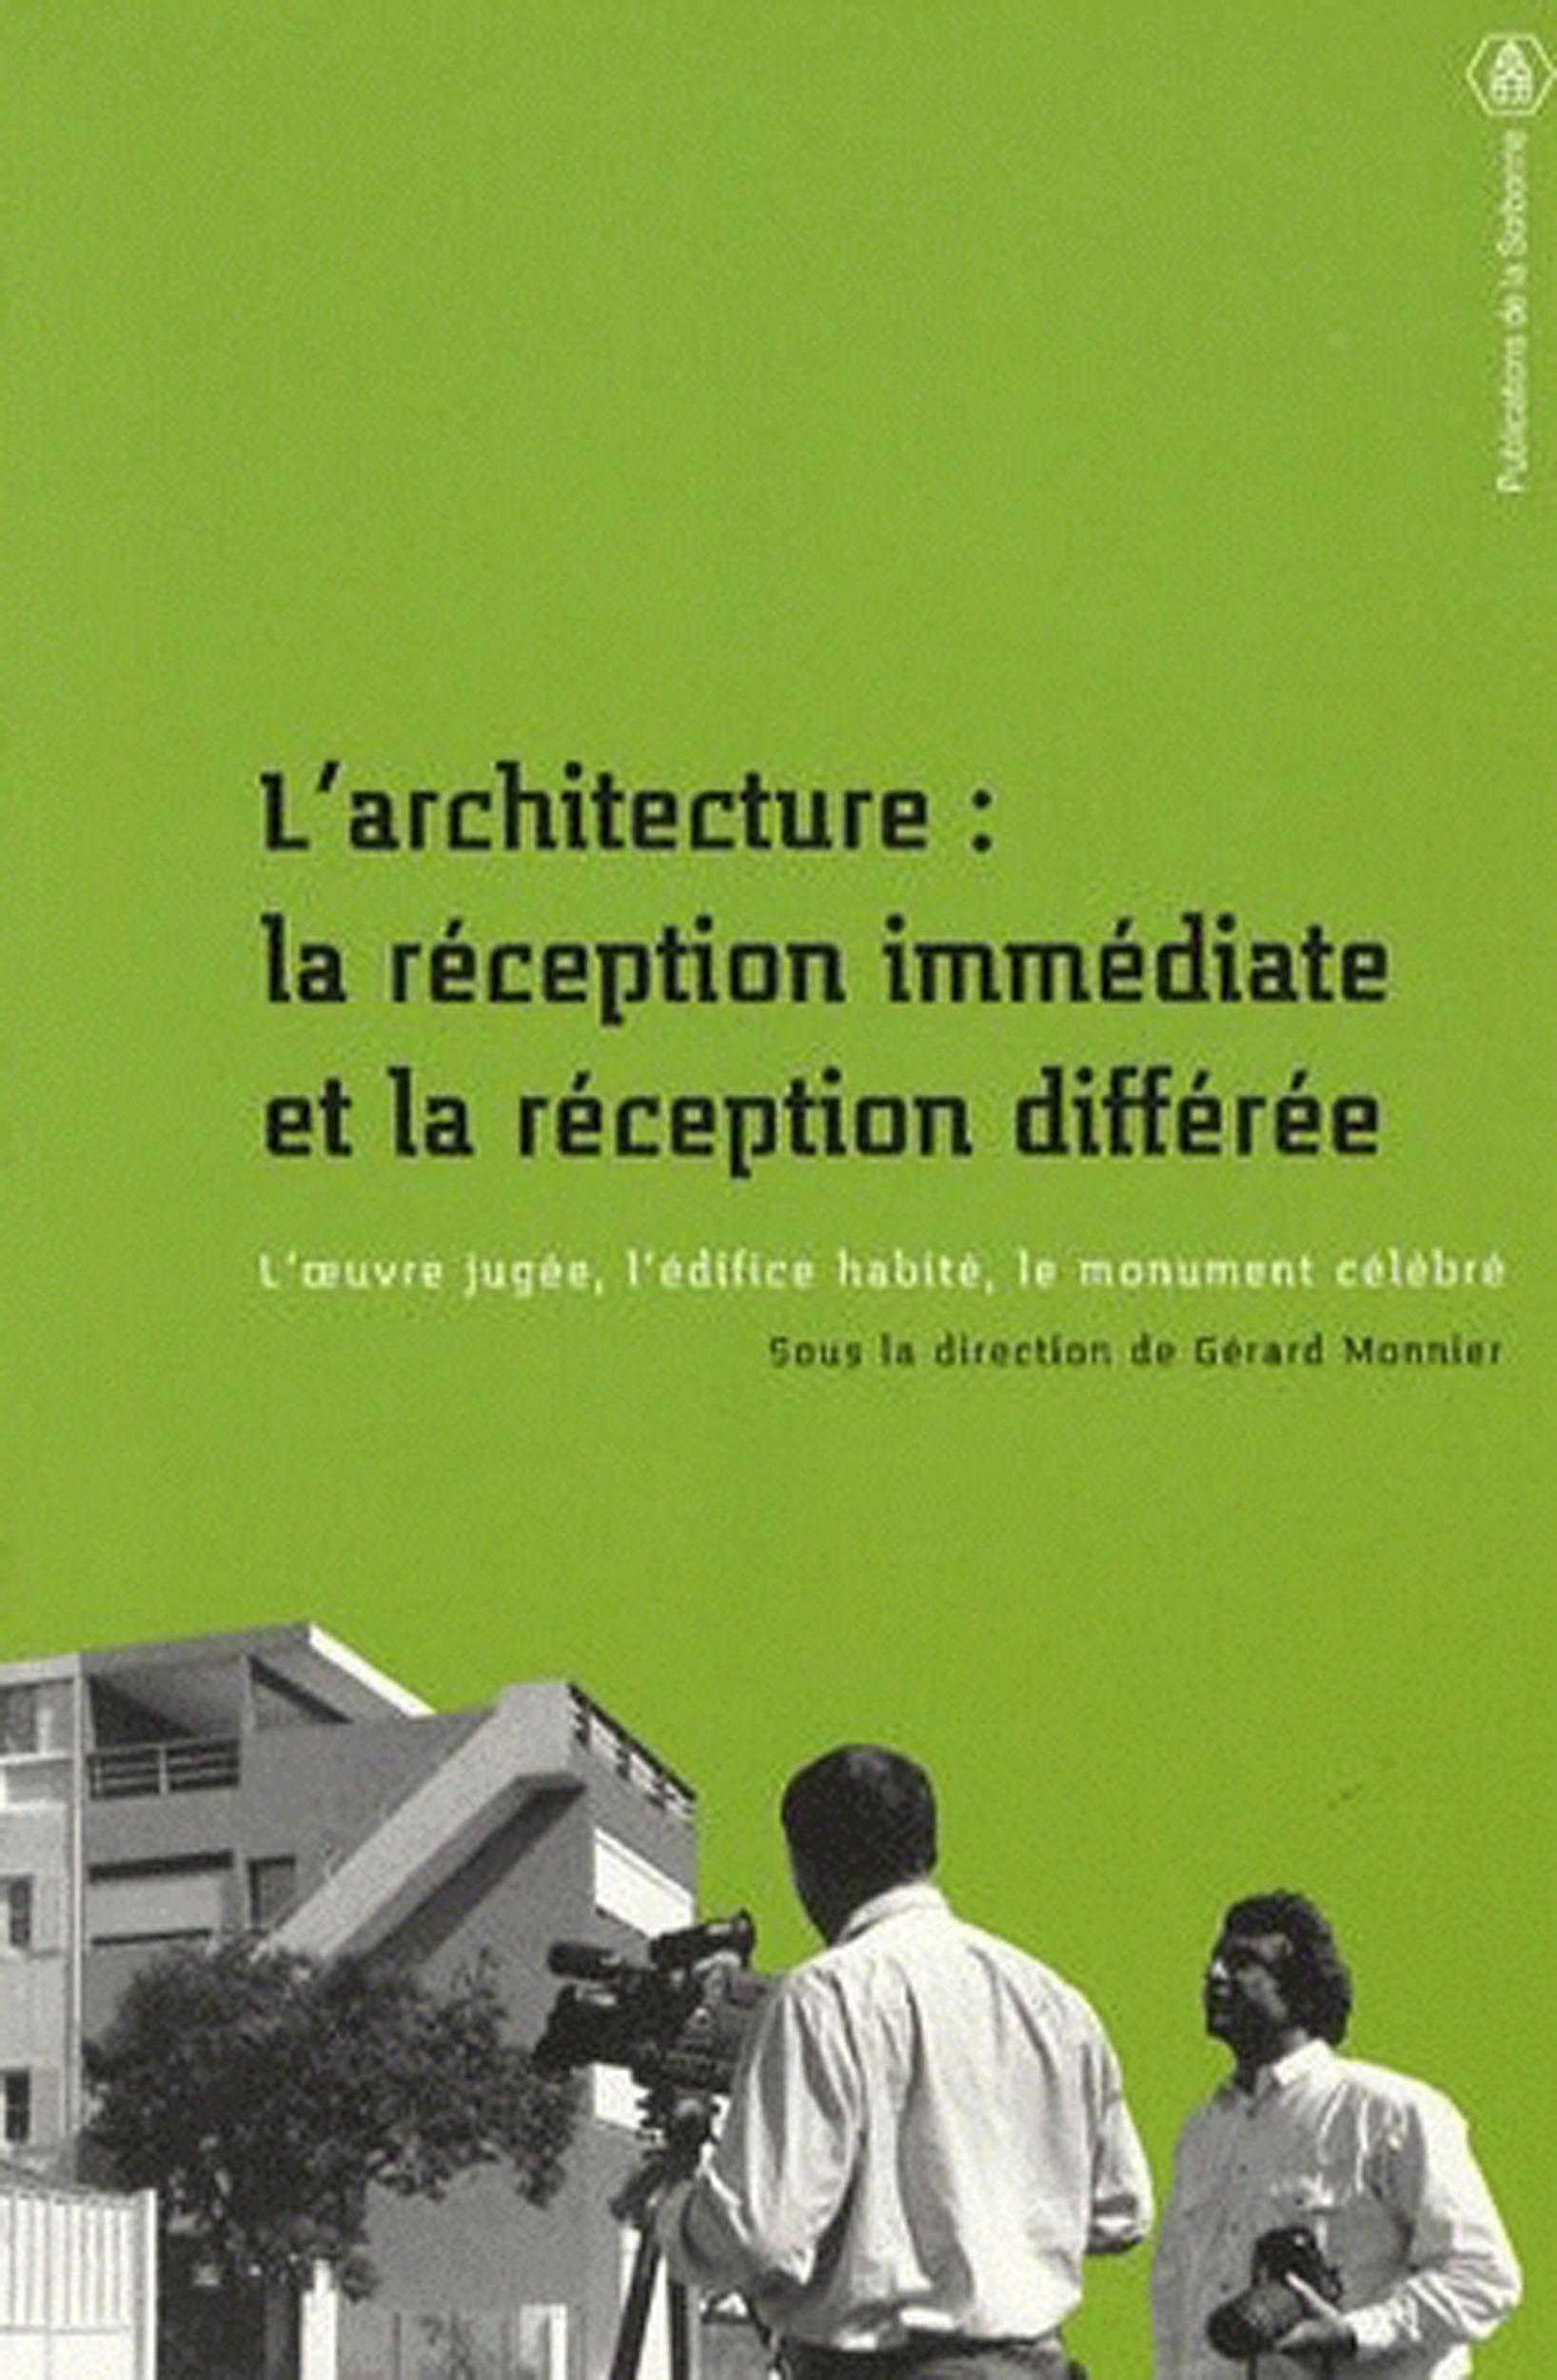 L'architecture: la réception immédiate et la réception differée